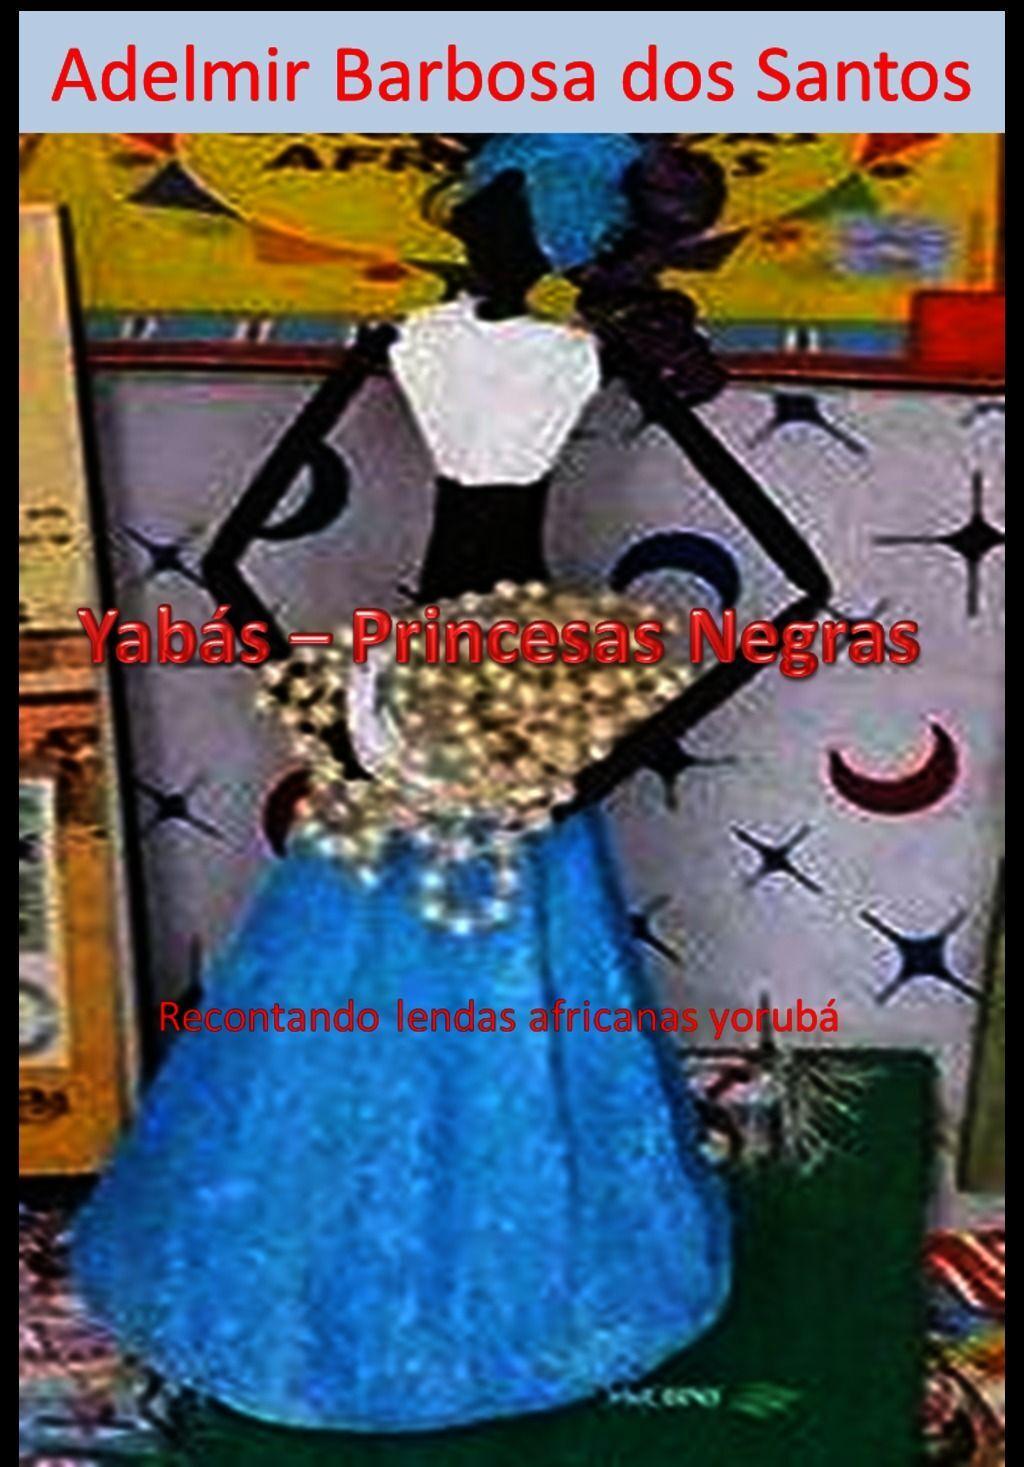 Yabás: Princesas Negras